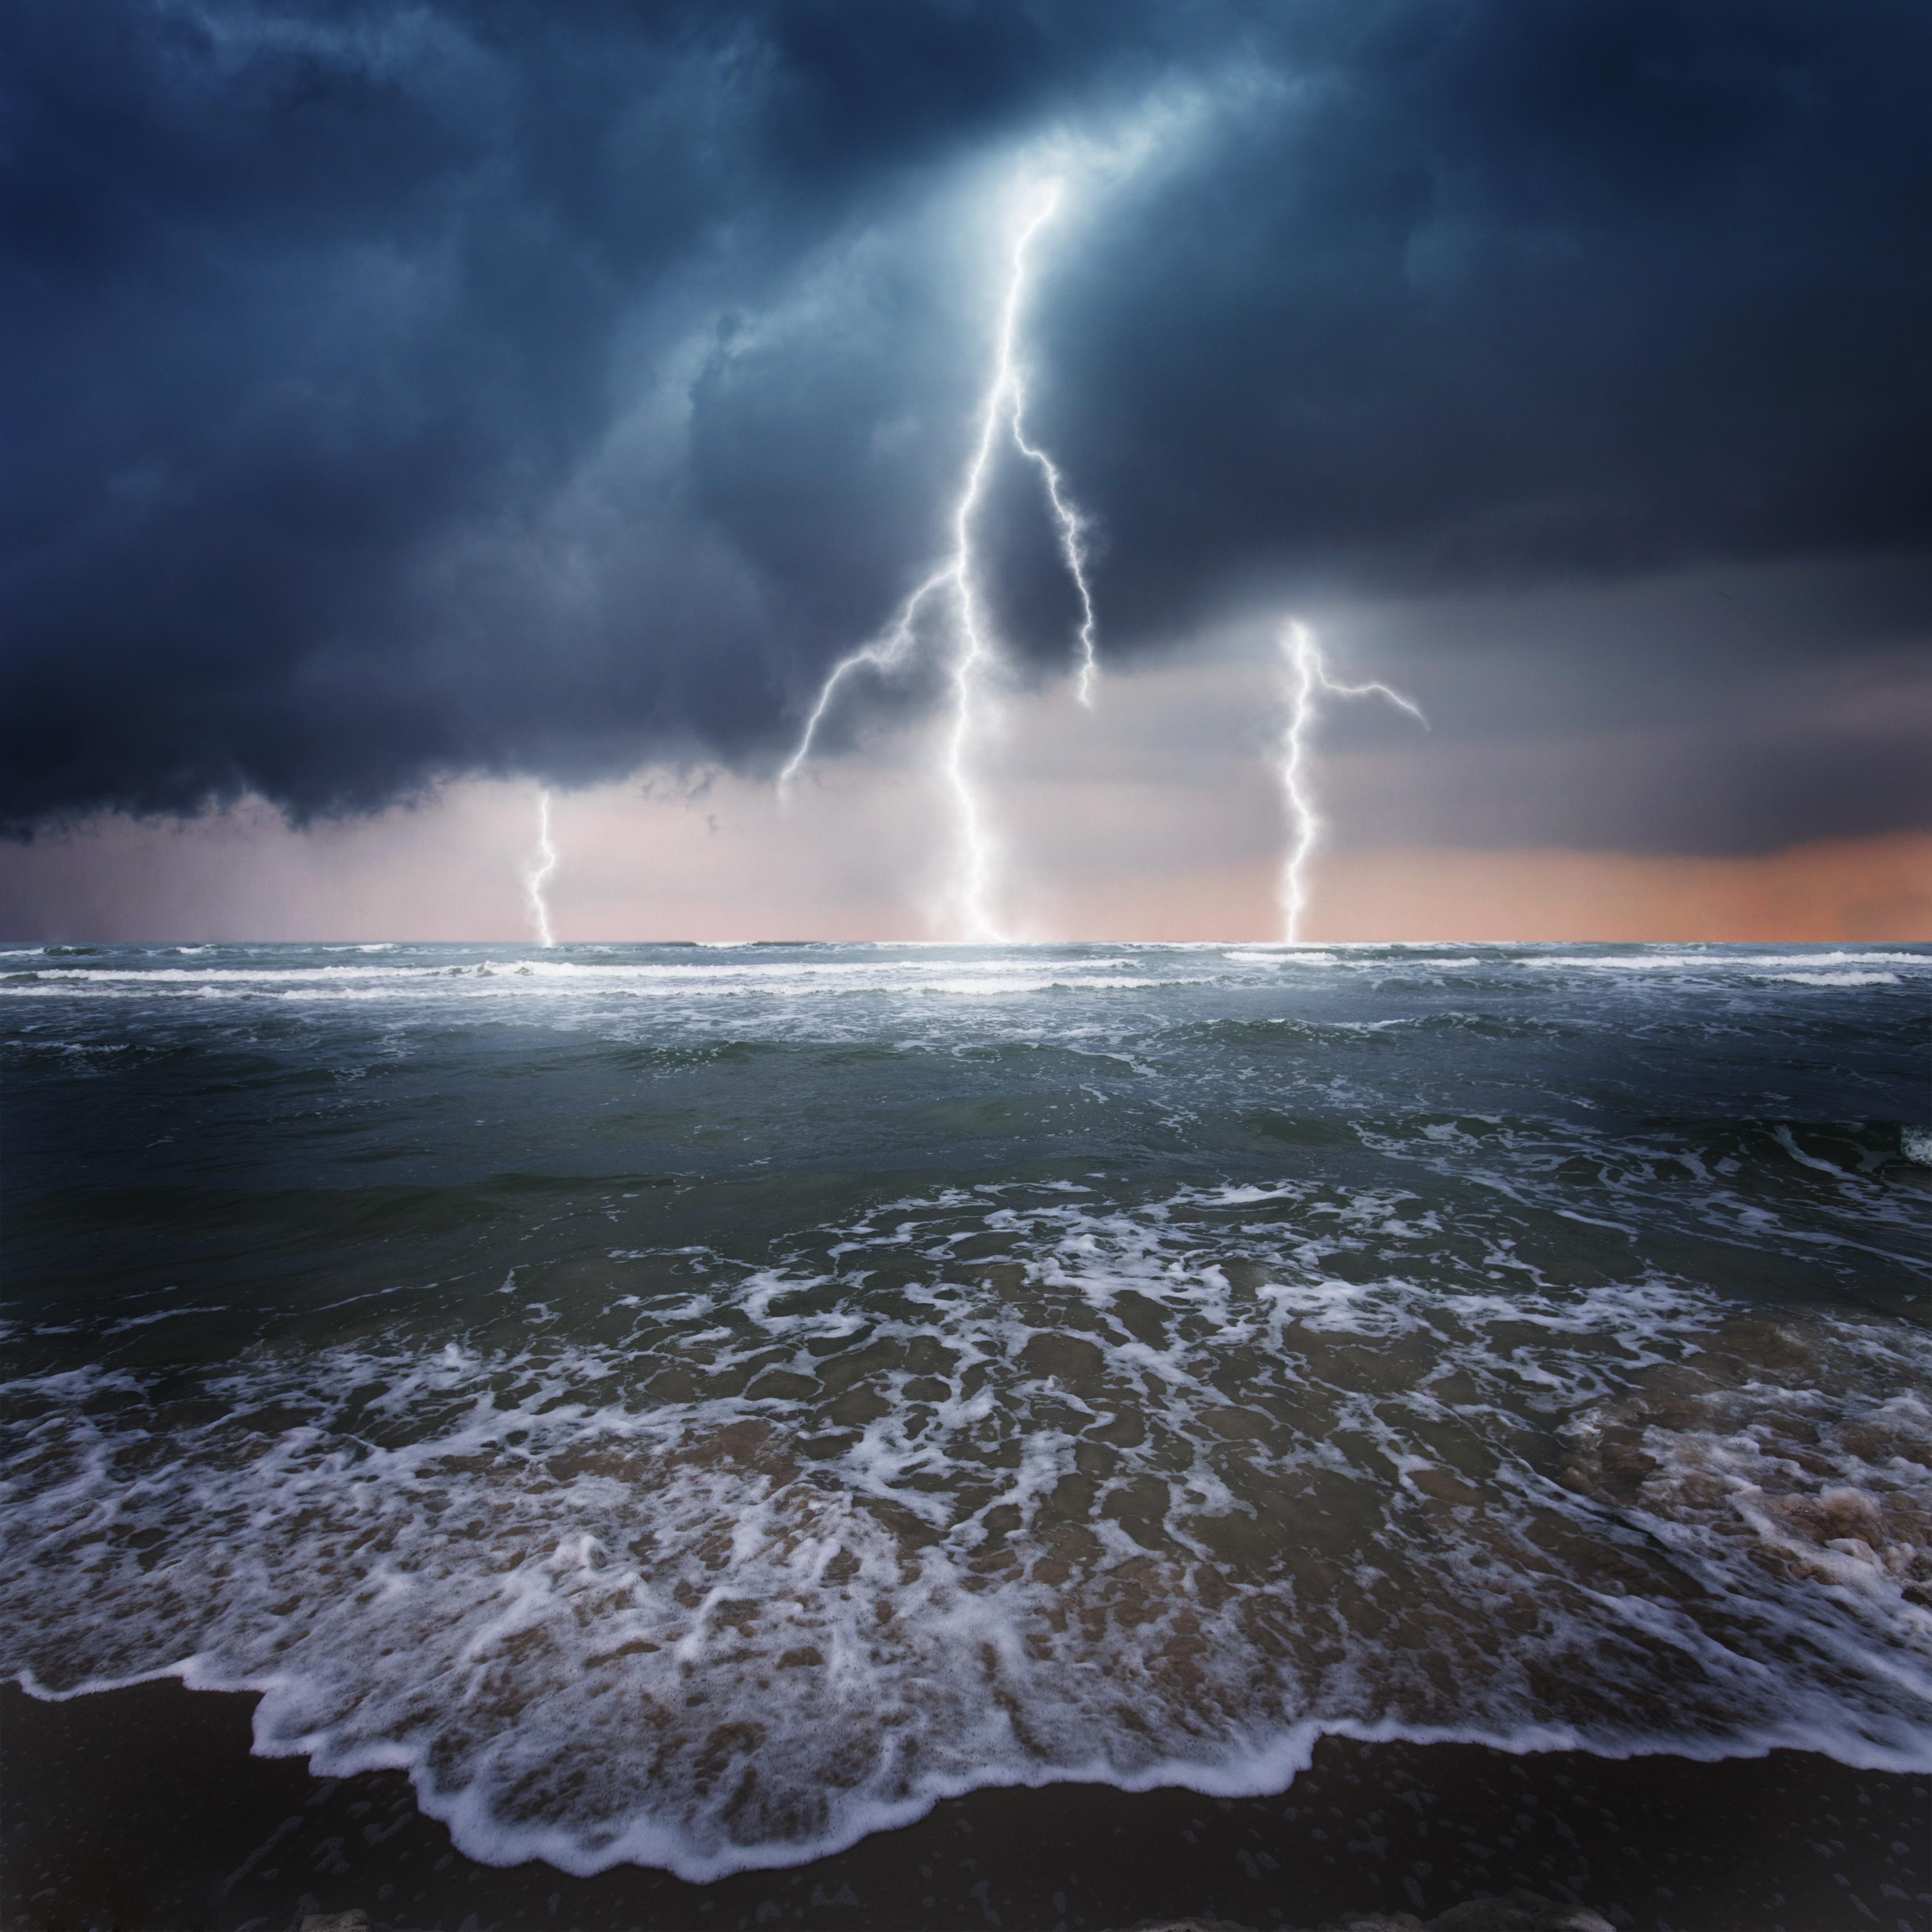 7 oameni au fost loviți de un fulger pe o plajă, din SUA. Un copil a murit